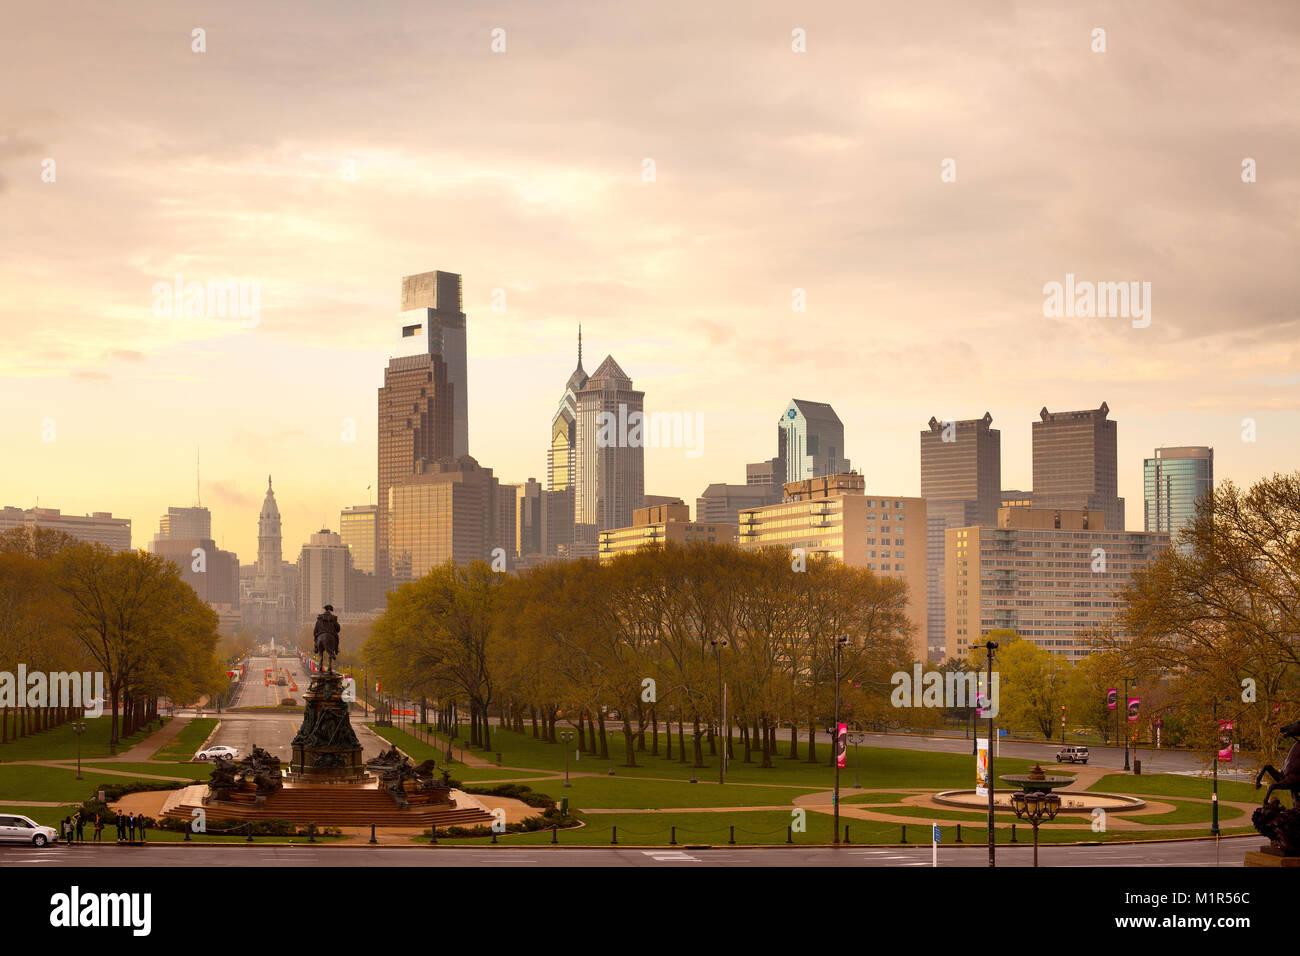 Philadelphie, Pennsylvanie, USA - Le centre-ville avec l'Hôtel de ville un jour de pluie. Banque D'Images